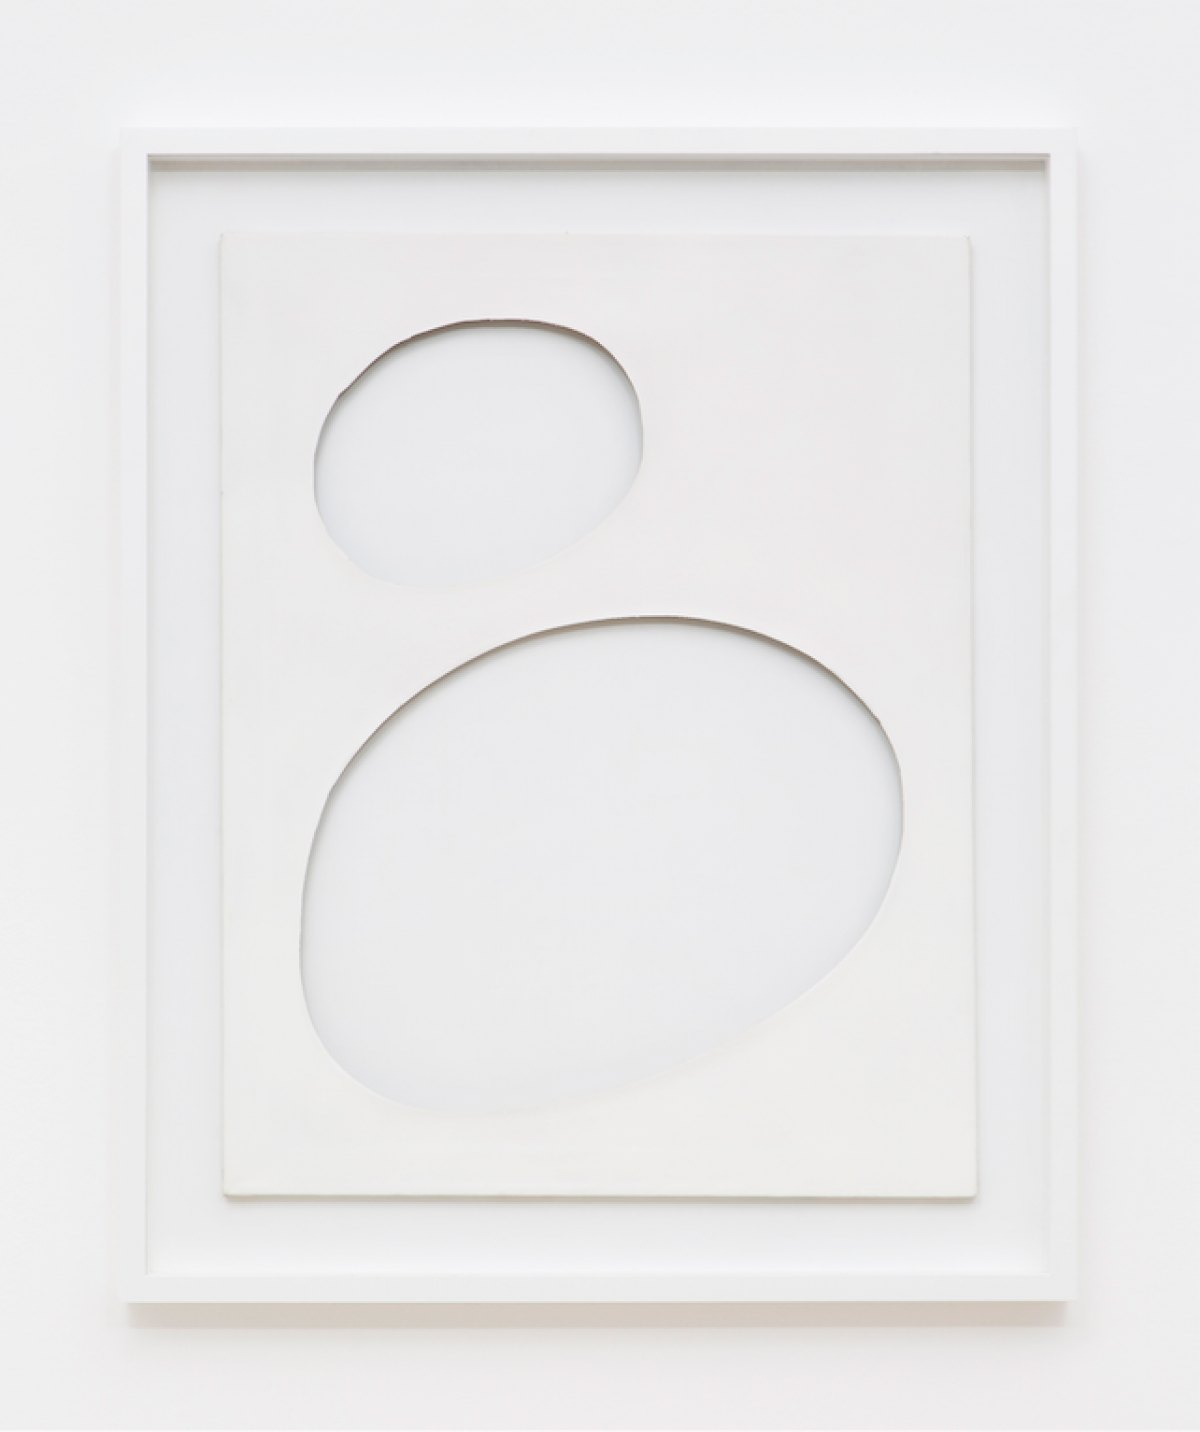 Dadamaino,<em>untitled,</em> from<em>Volumi</em>series,1959,water-based ink on canvas,90 ×70 cm - Mendes Wood DM